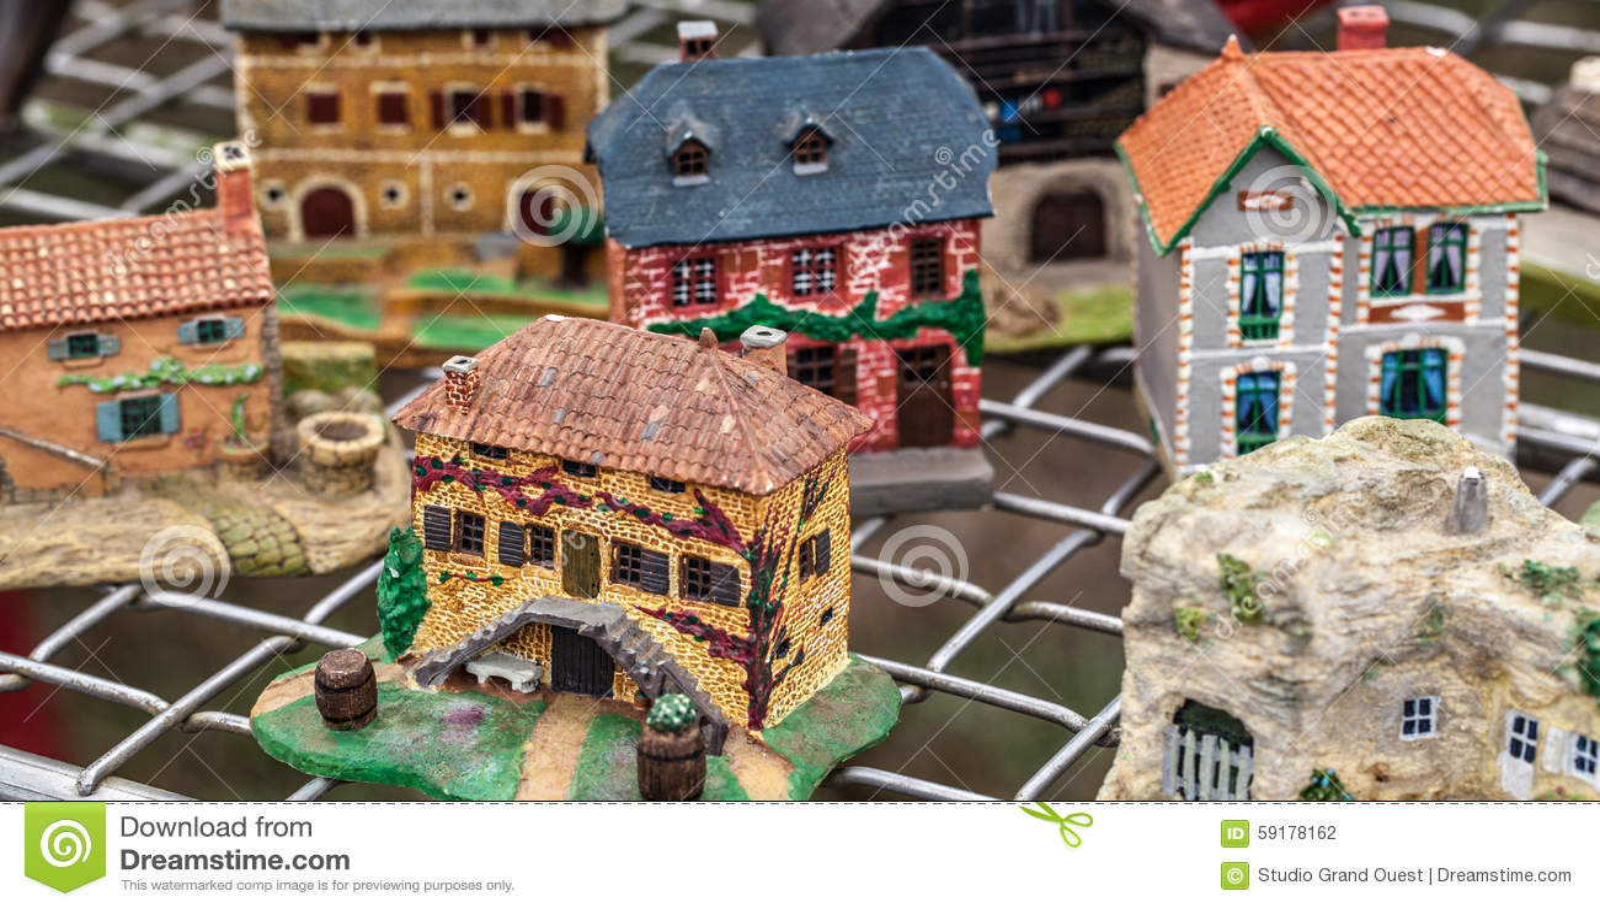 Handgemalte Kleine Häuser Gemacht Für Dekoration Oder Sammlung ...